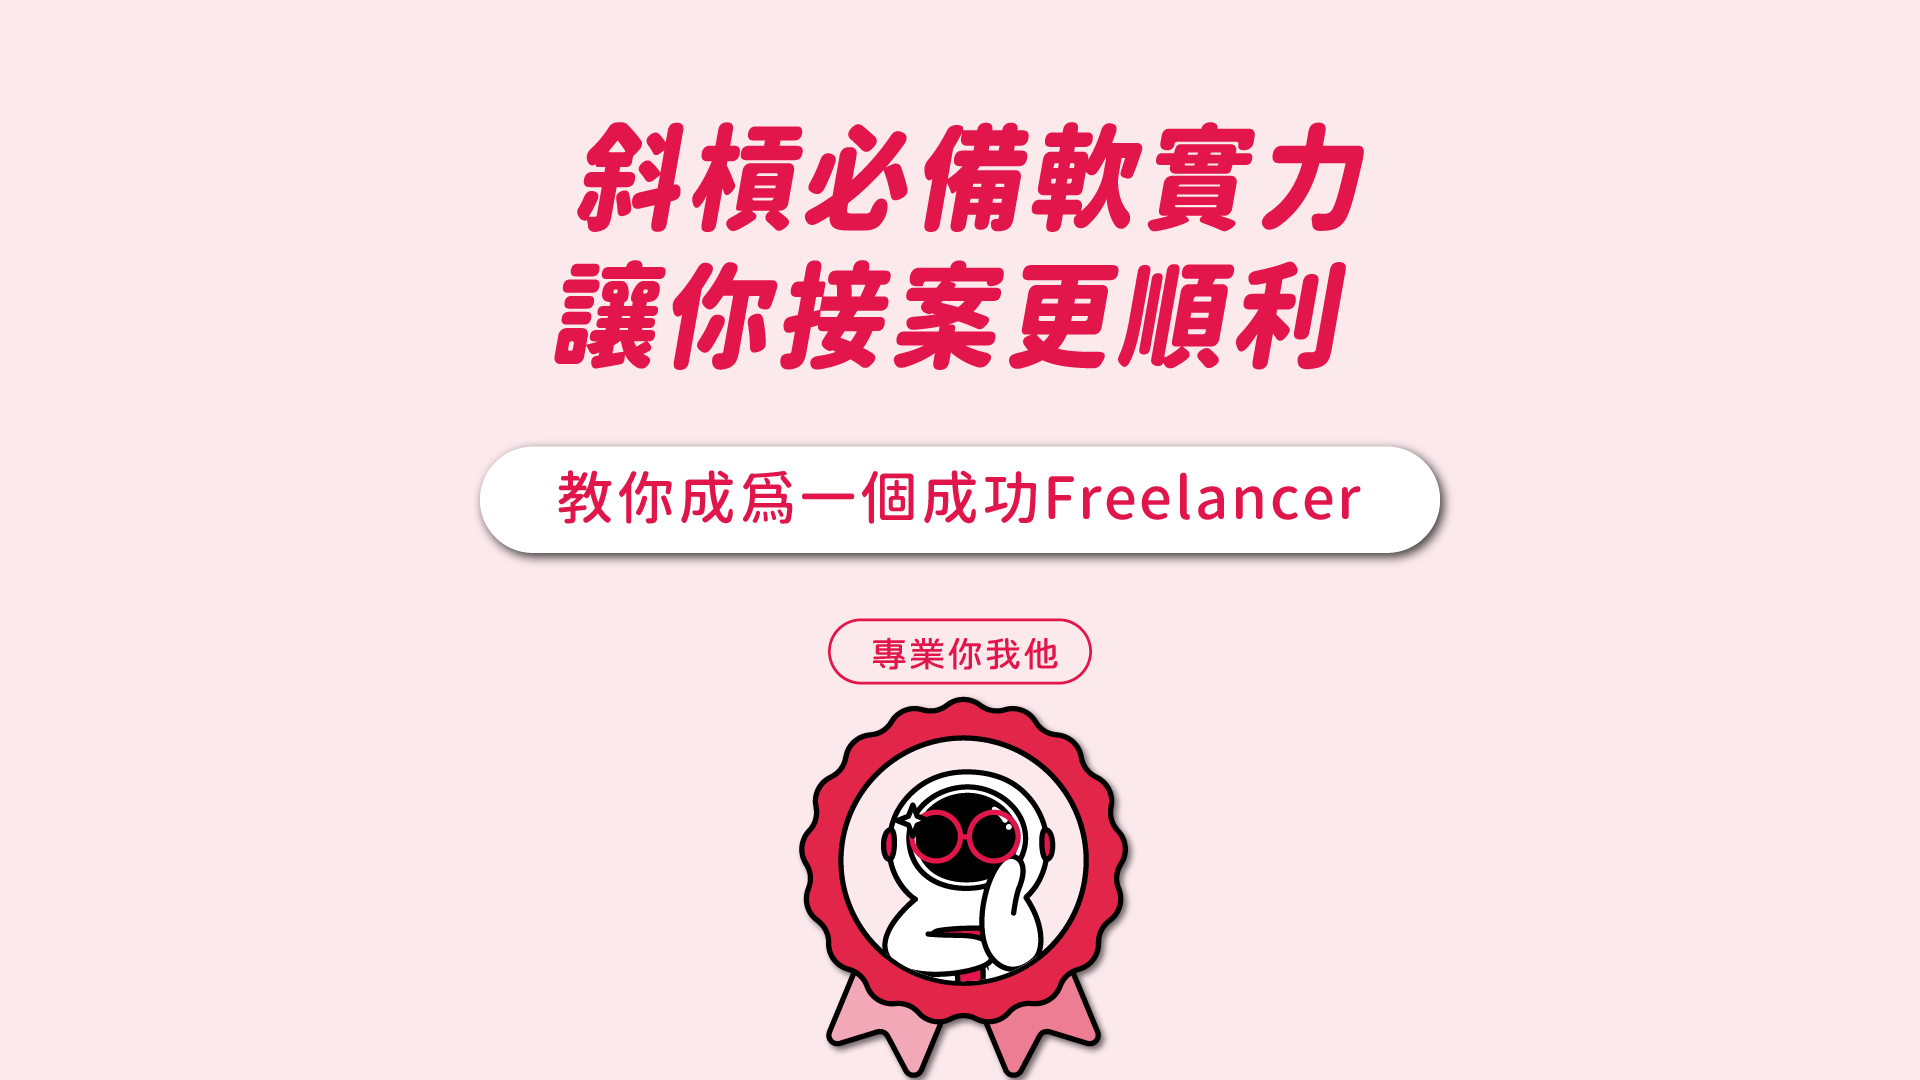 斜槓必備軟實力,讓你接案更順利 教你成為一個成功Freelancer